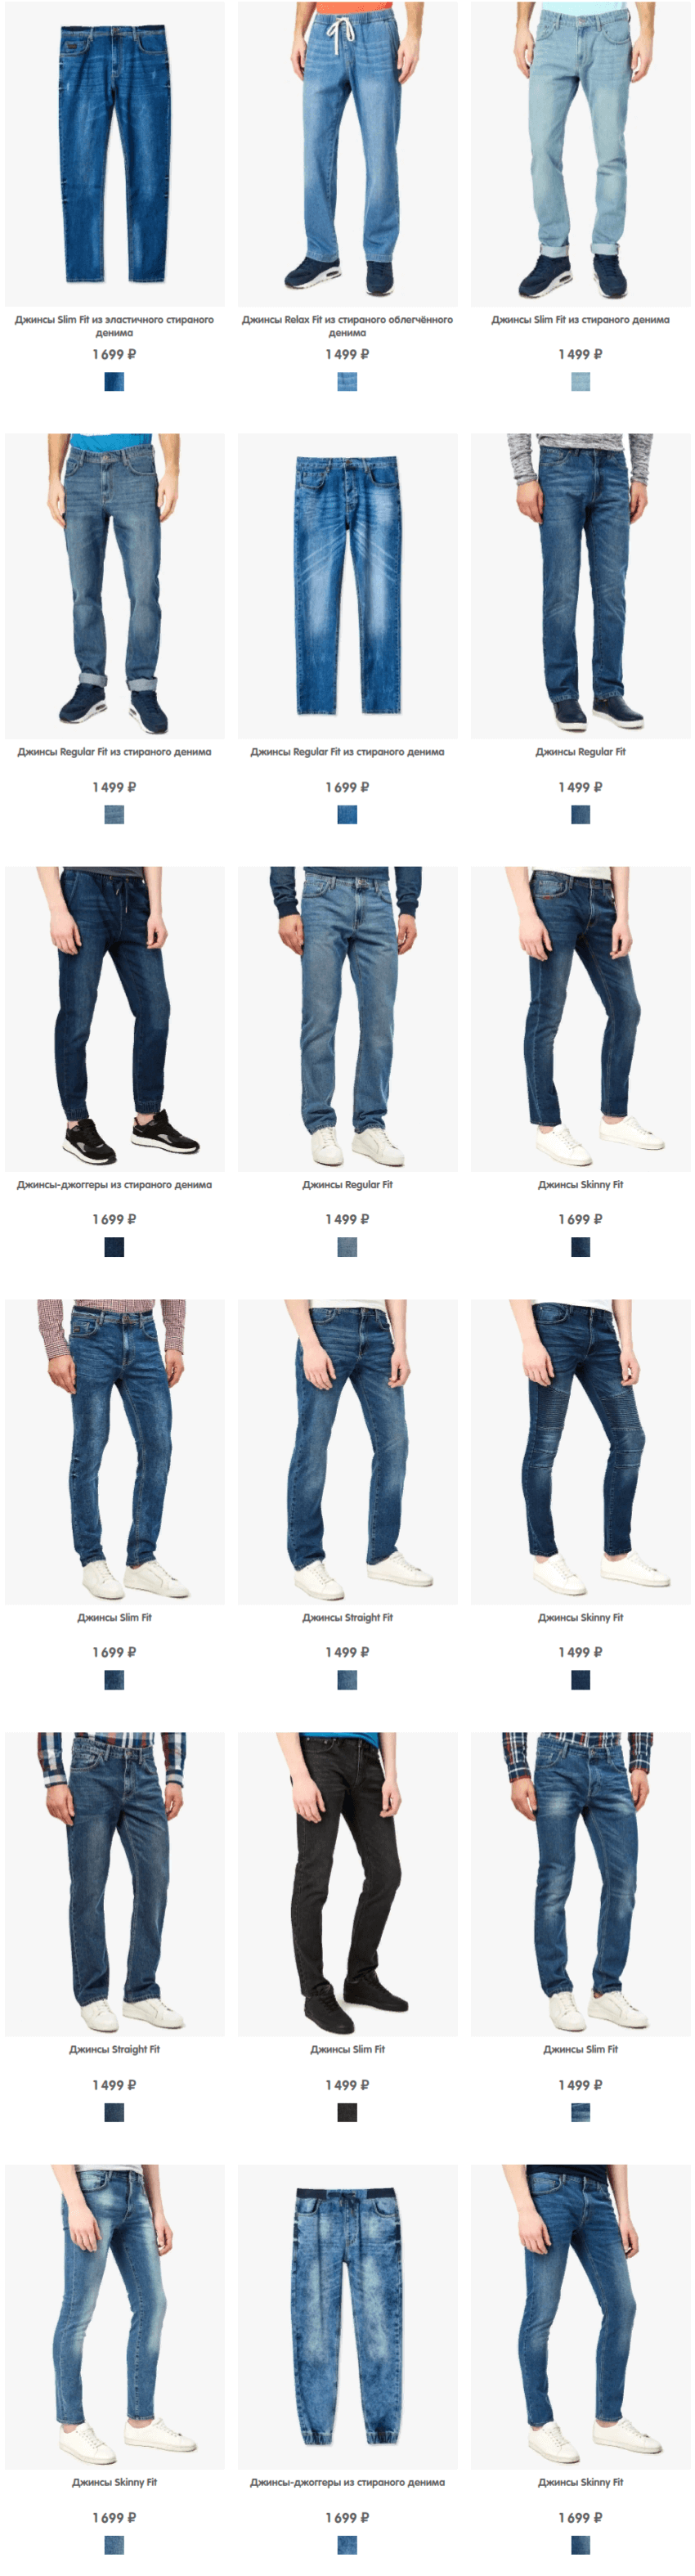 Мужские джинсы в интернет-магазине одежды Funday - fundayshop.com